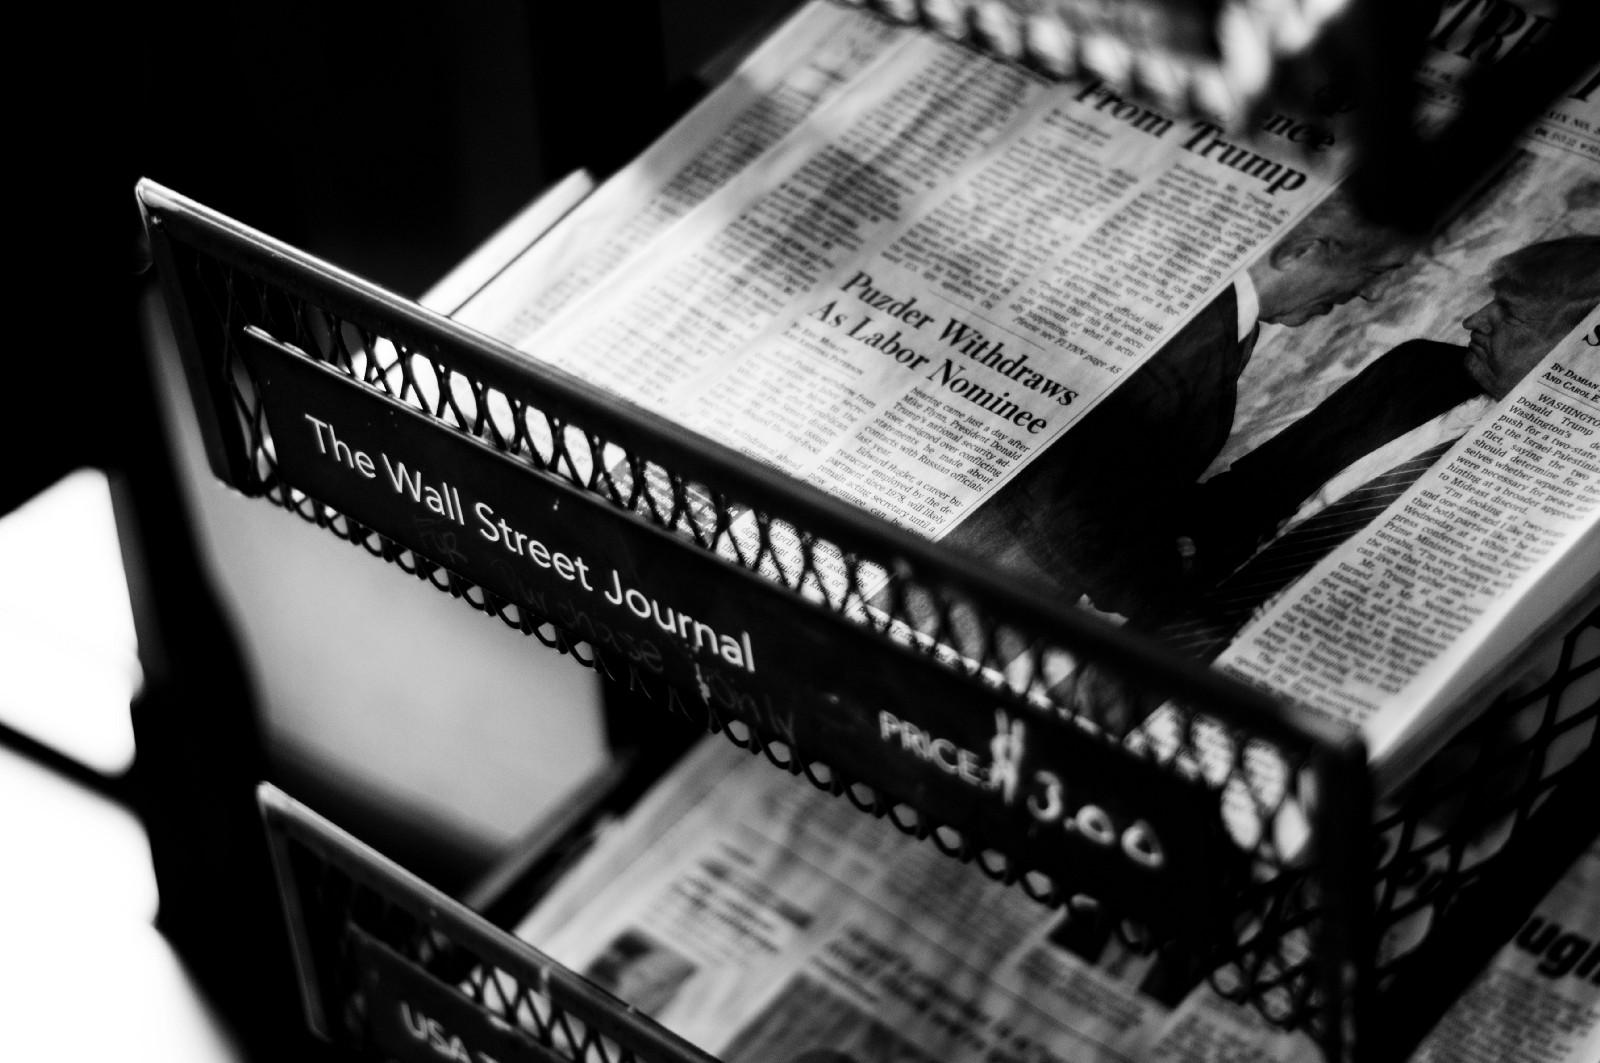 Jurnalismul, o meserie din ce în ce mai periculoasă. Raportul alarmant al RSF